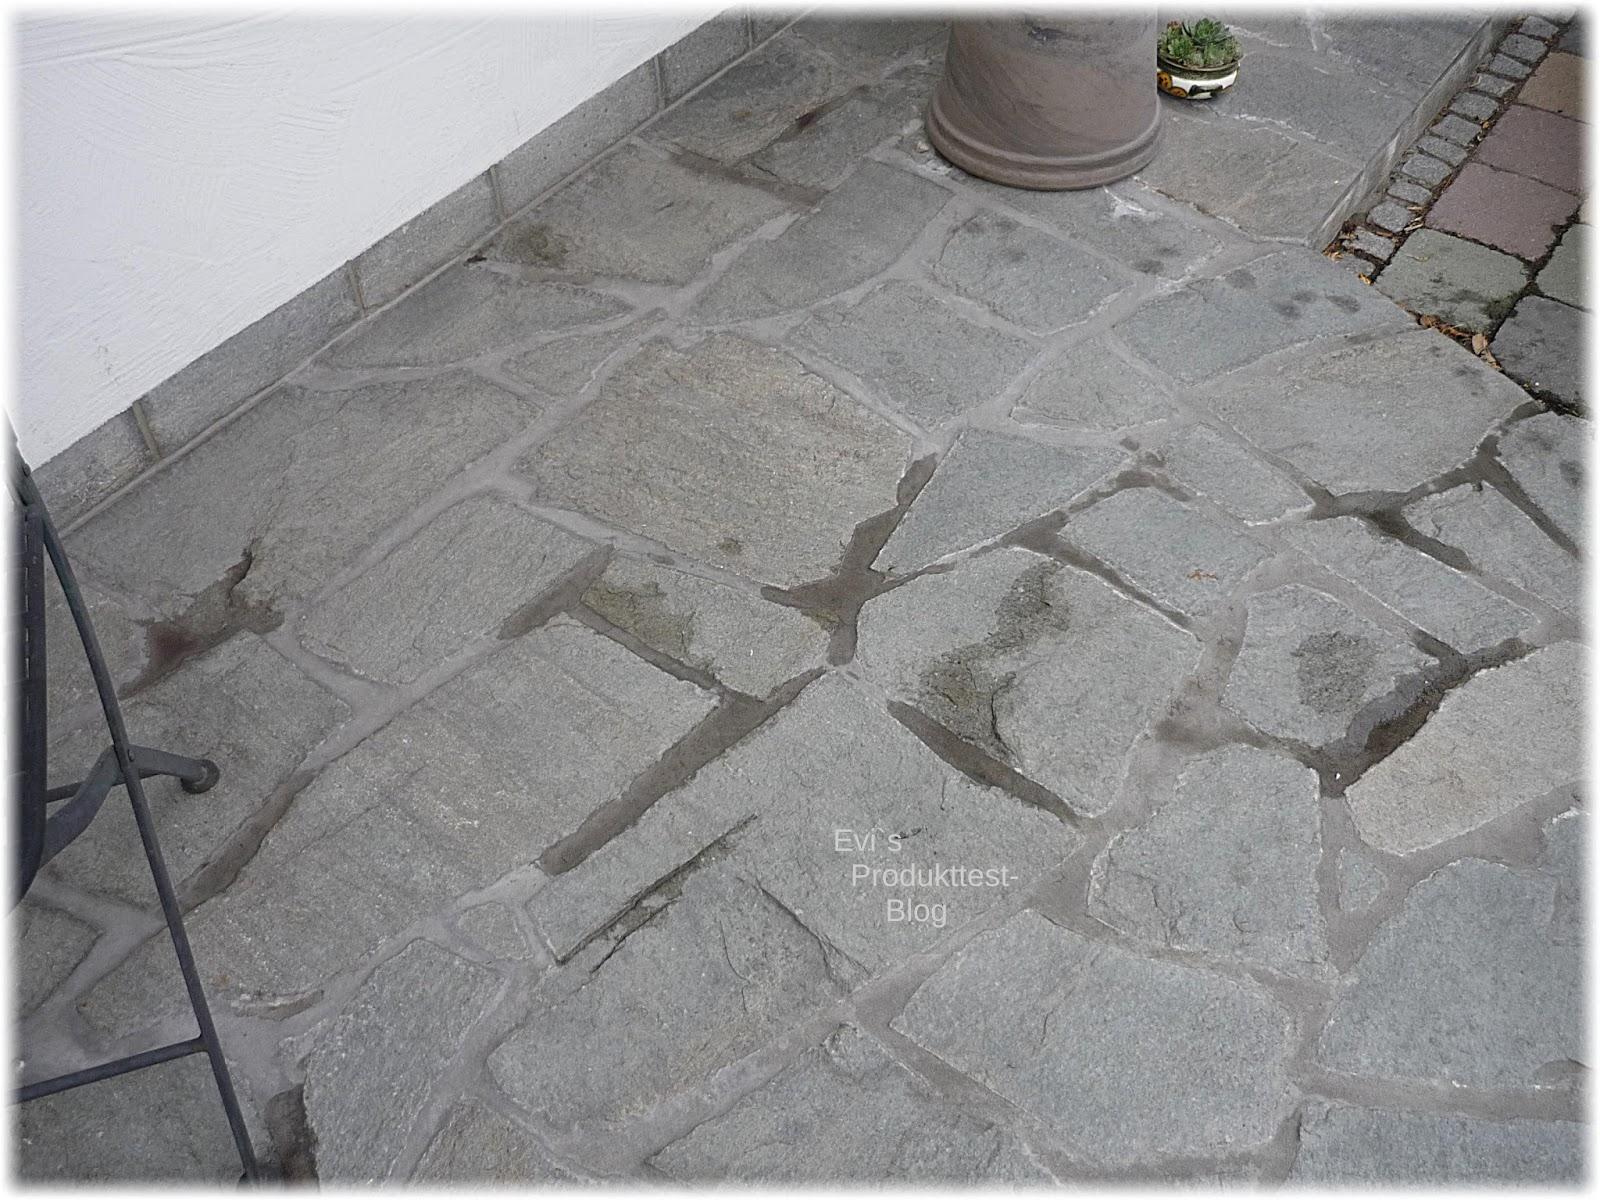 rostflecken entfernen stein free granit reinigen und. Black Bedroom Furniture Sets. Home Design Ideas